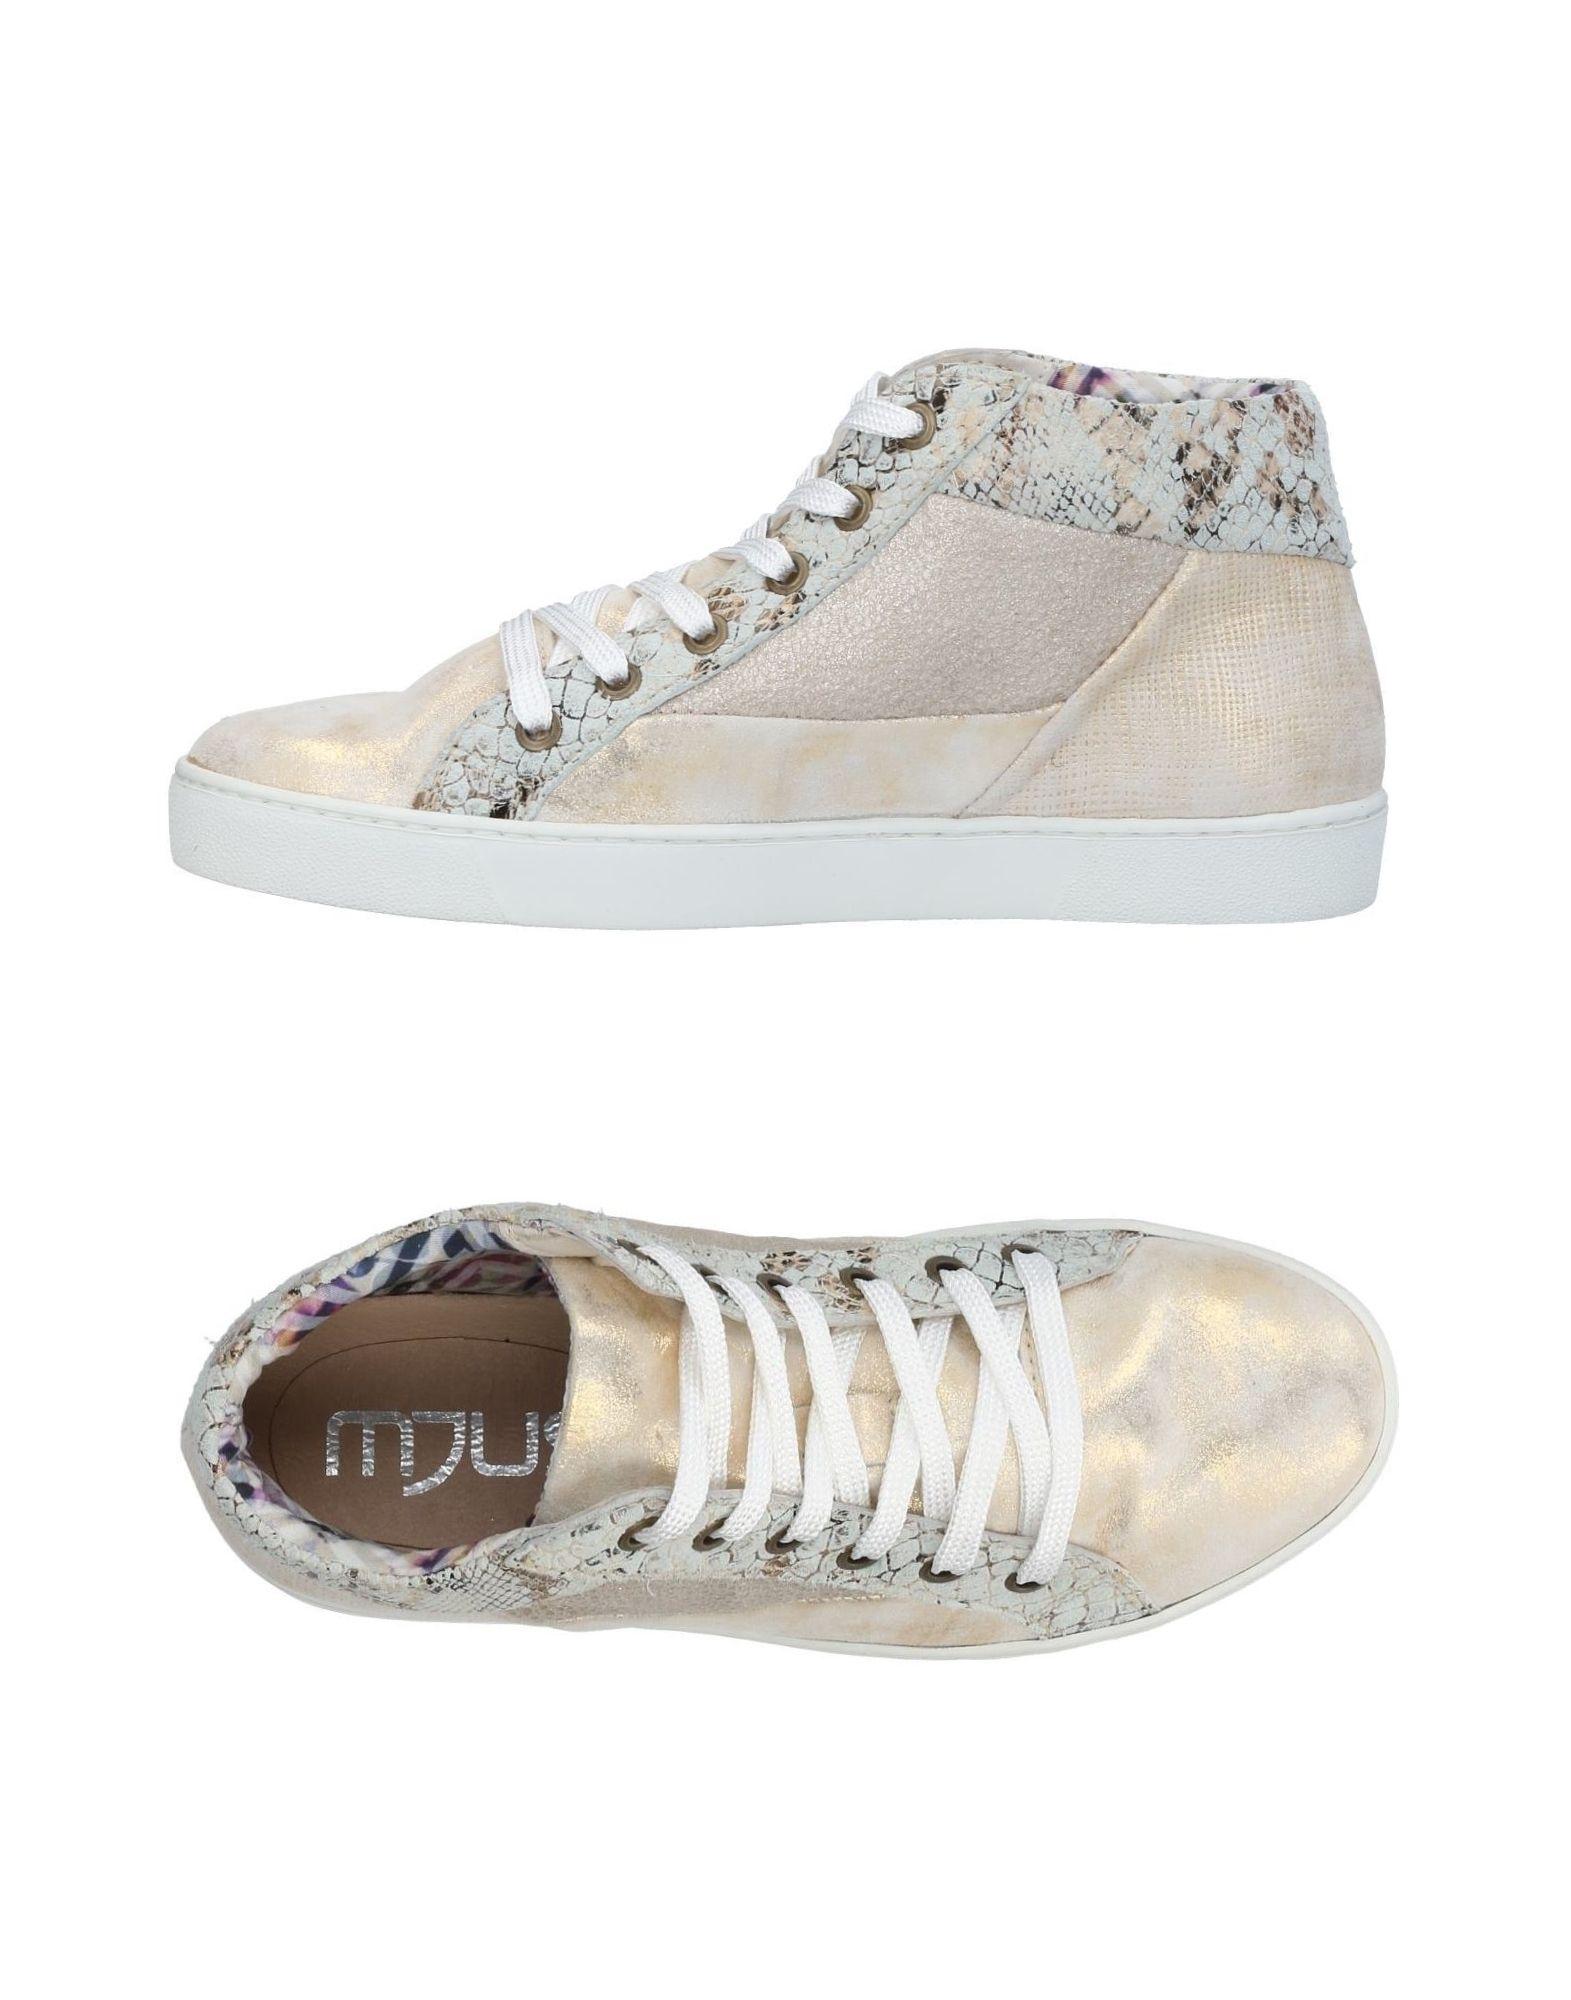 MJUS Высокие кеды и кроссовки кроссовки mjus 878104 302 0001 salvia fossile militare